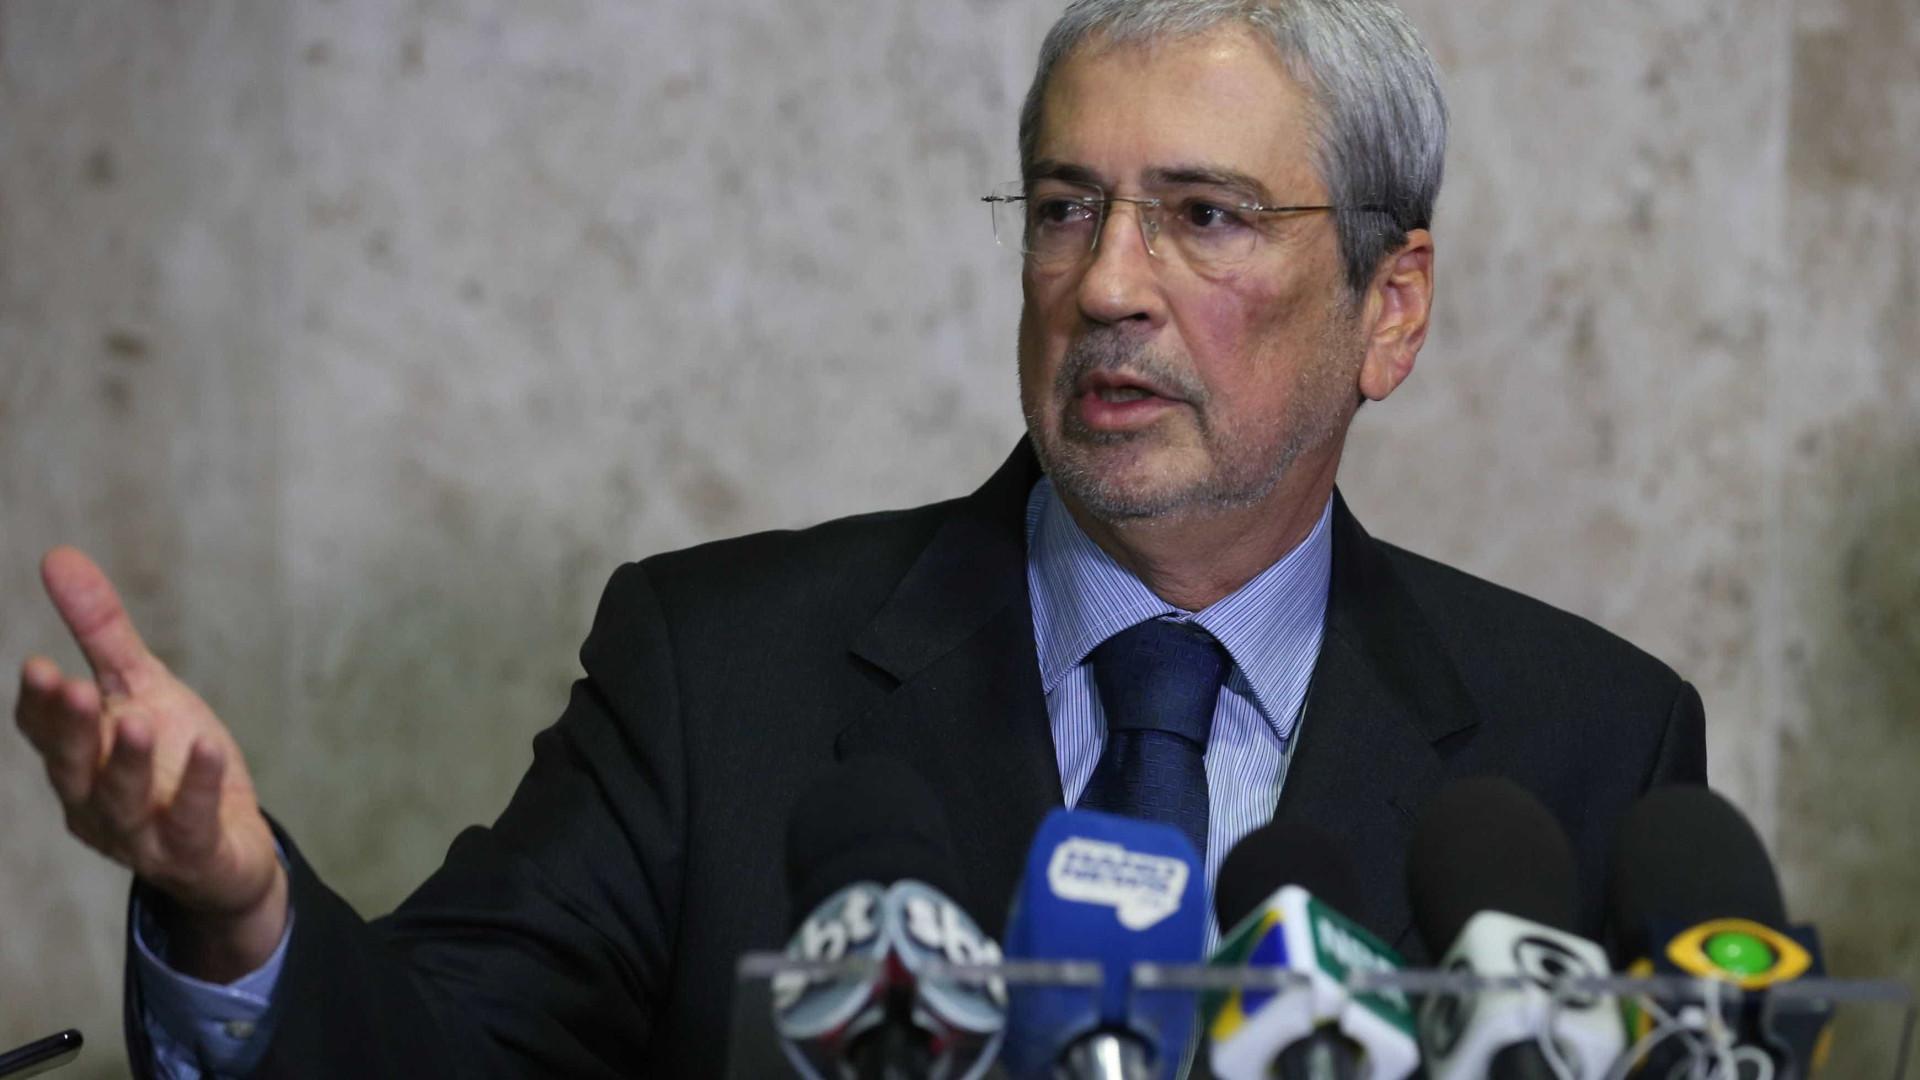 Ministro Antonio Imbassahy entrega carta com pedido de demissão